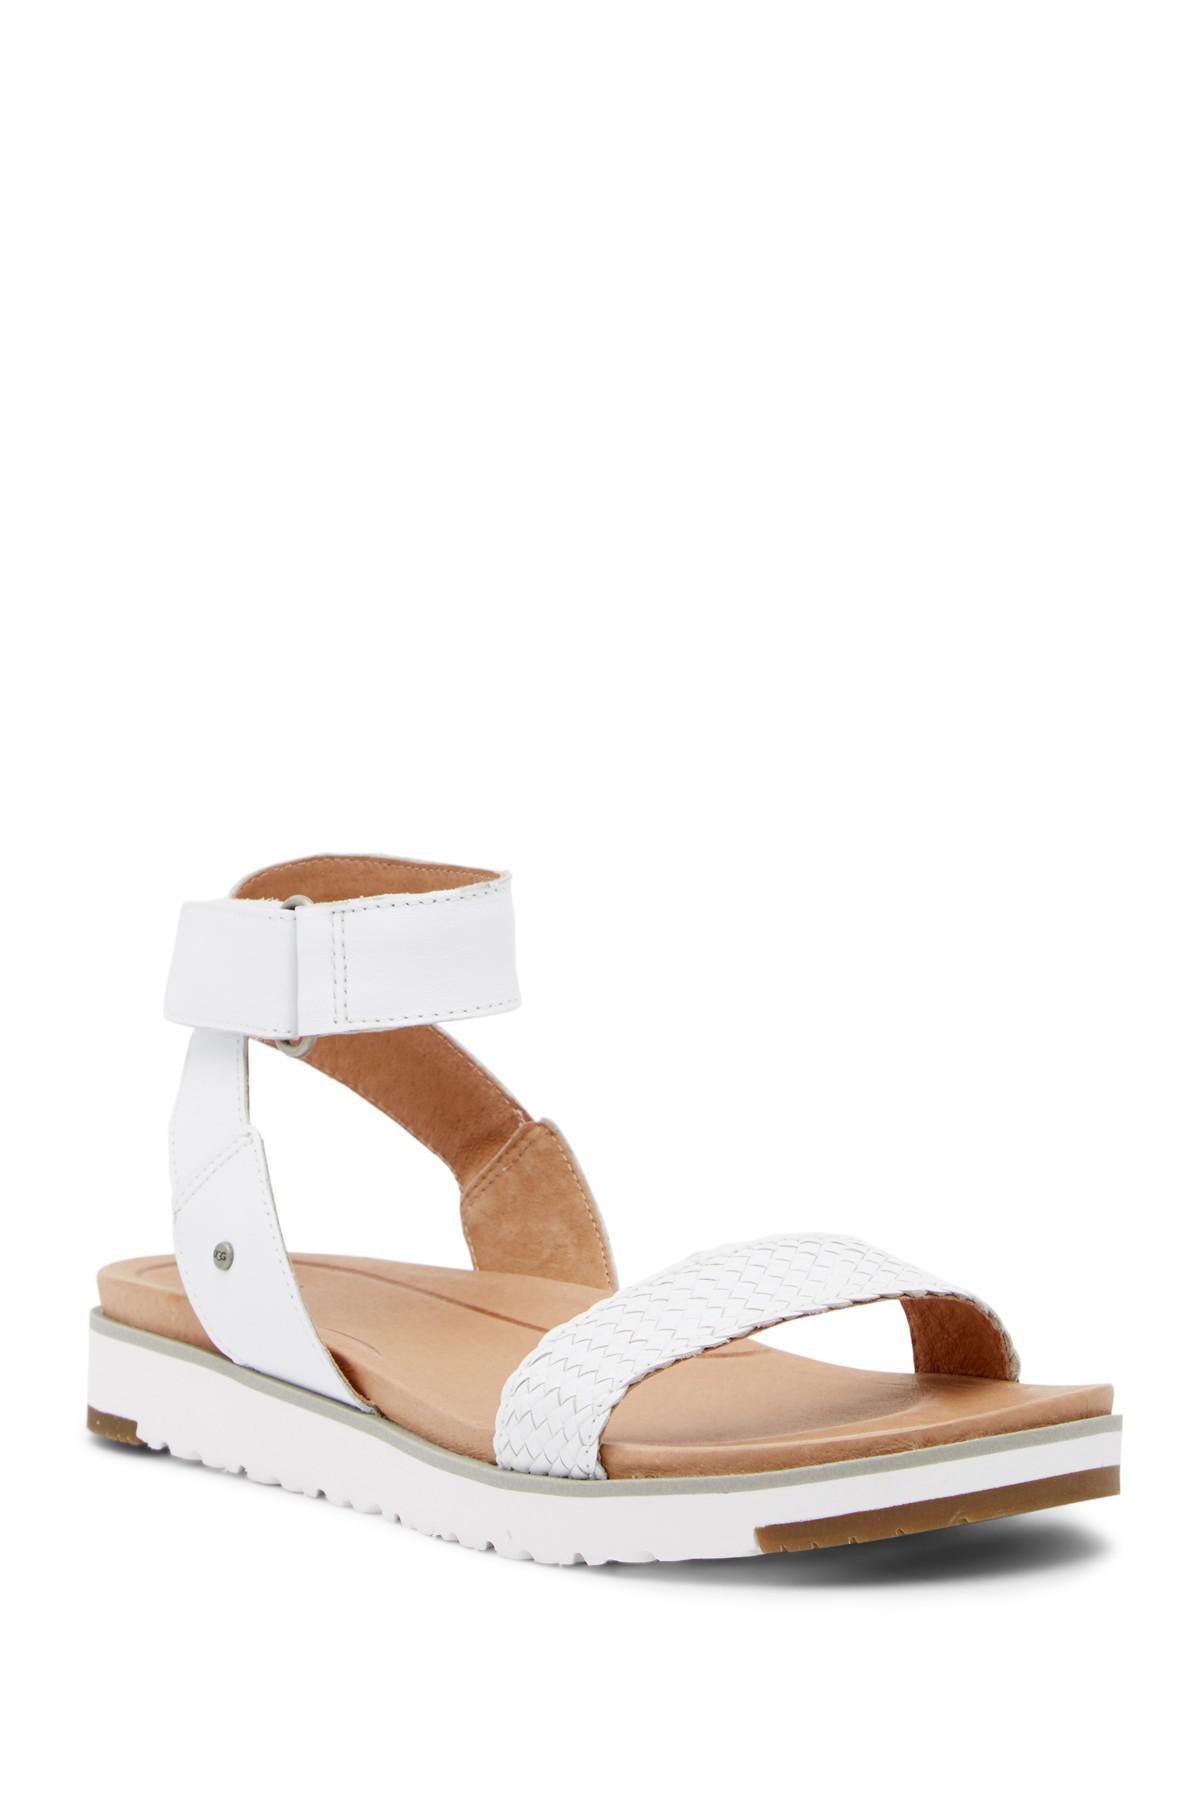 27fed73fe3d Lyst - UGG Laddie Platform Sandal in Brown